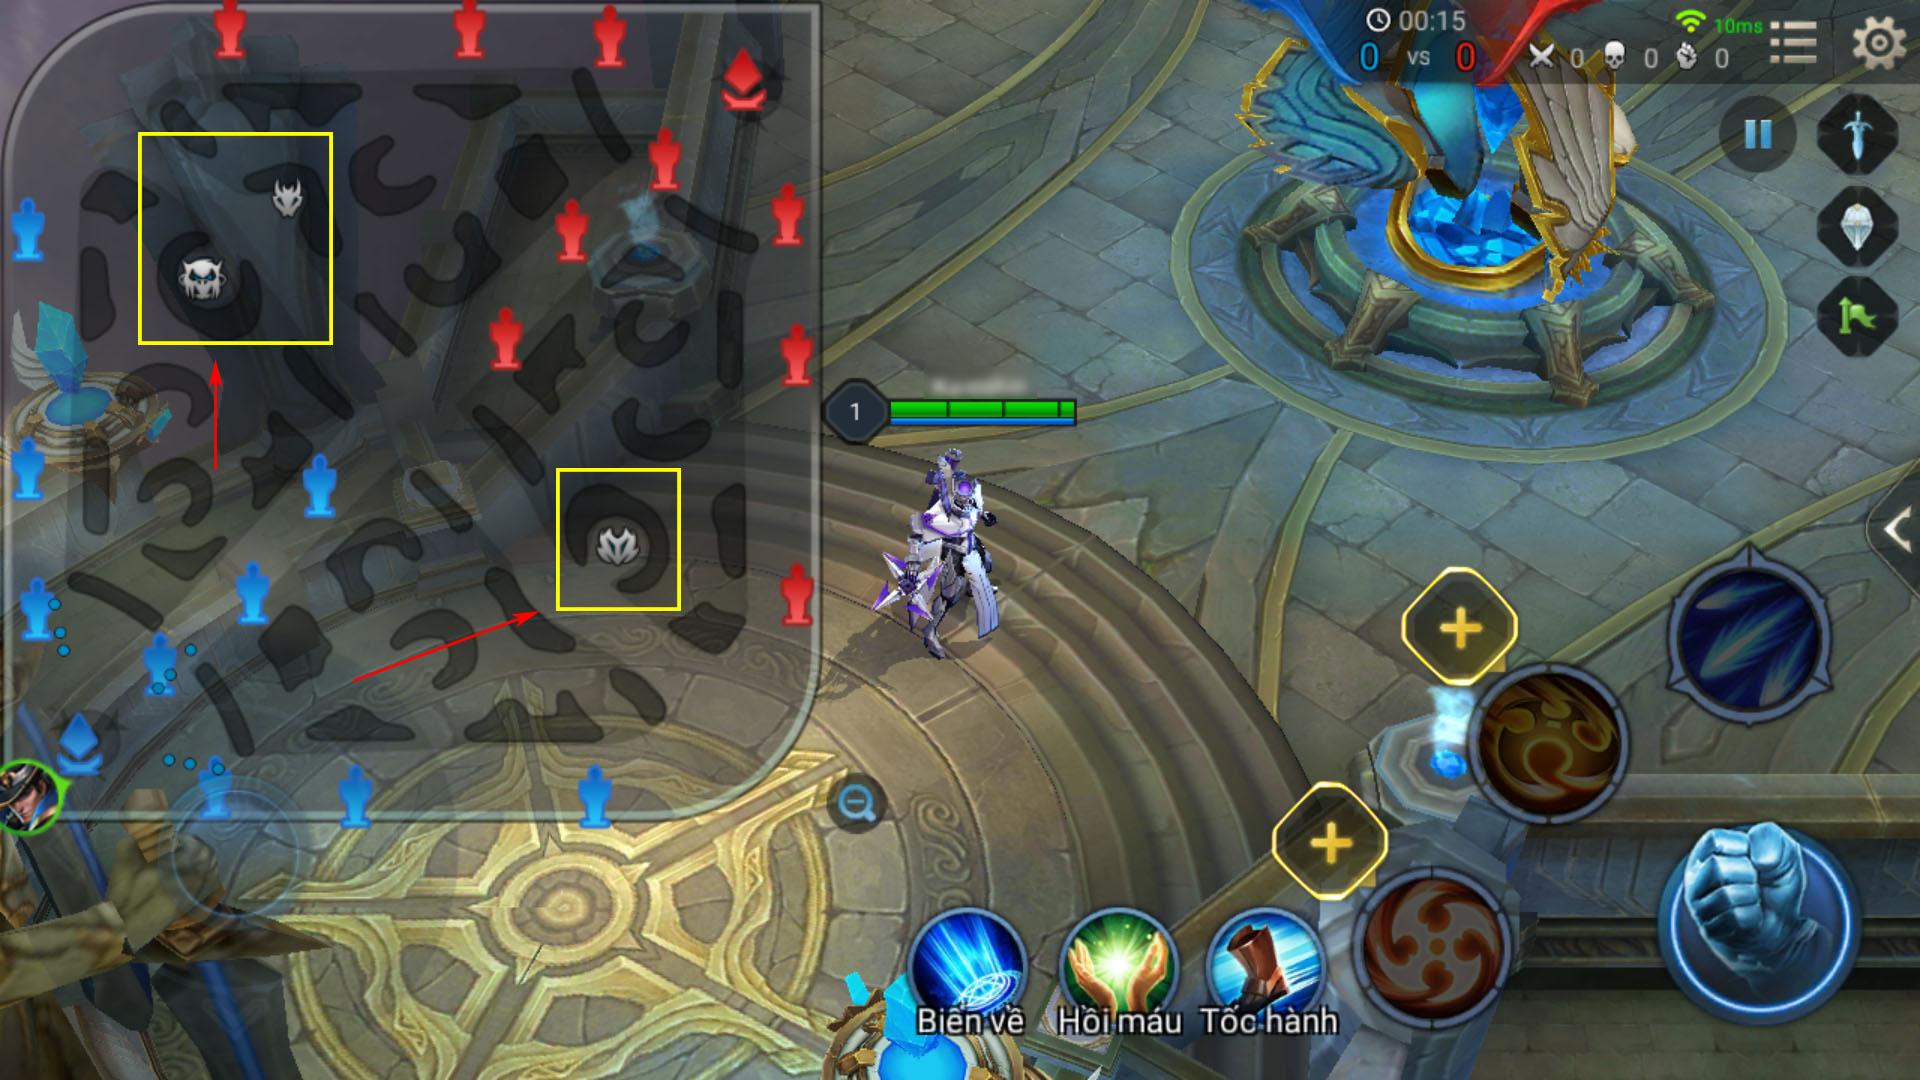 ... các tựa game MOBA trên PC, dù ở đội 1 hay đội 2 thì khi vào trận, phe  của bạn cũng sẽ nằm ở phía nửa dưới bên trái trên bản đồ.